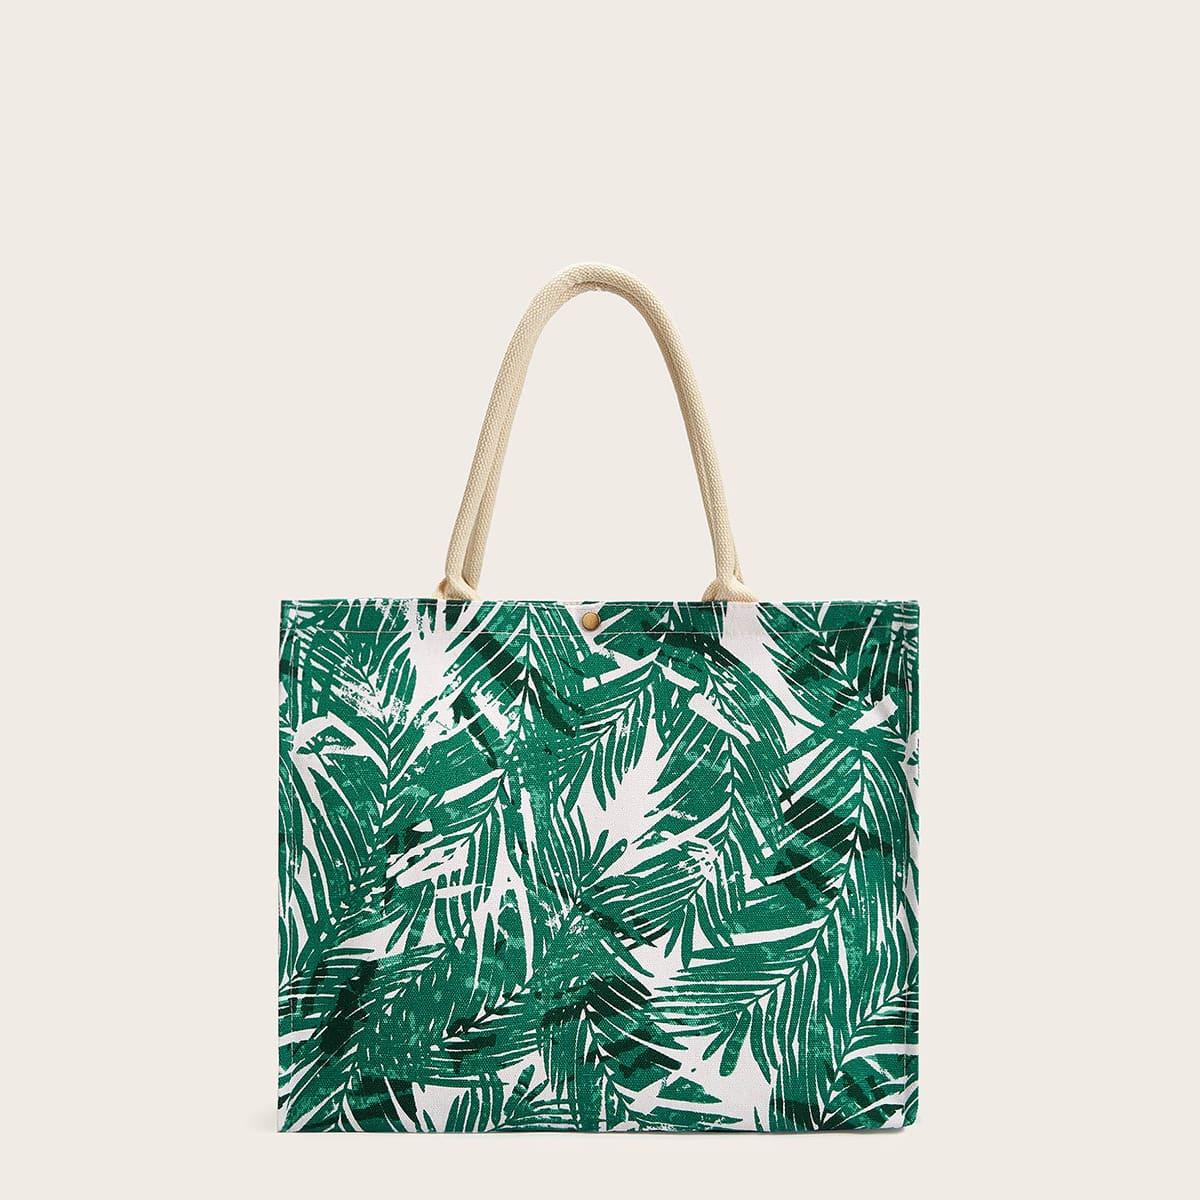 Большая сумка с принтом из листьев